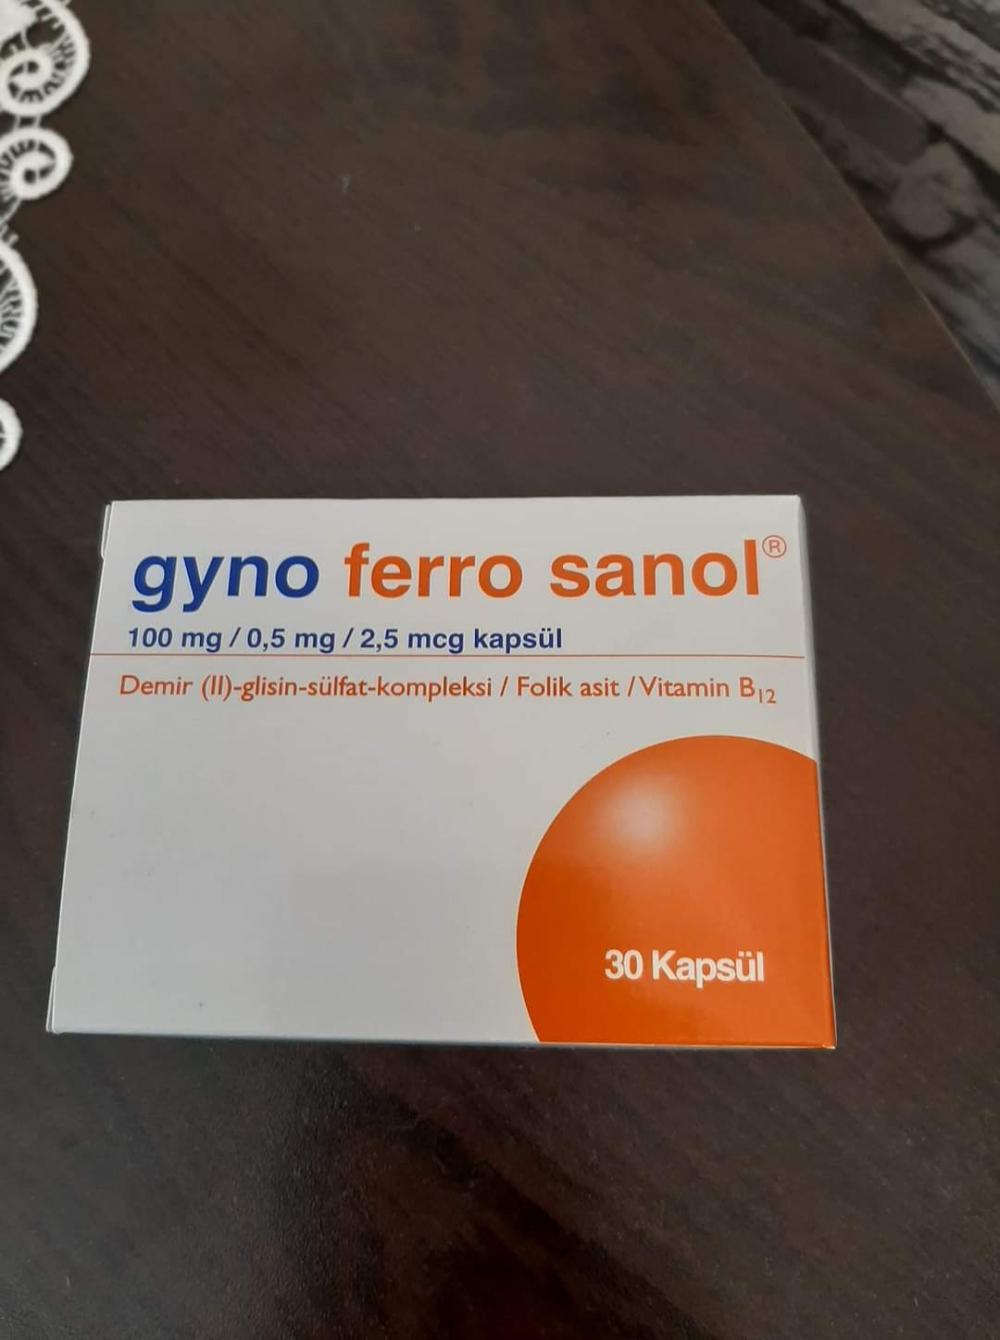 Gyno ferro sanol ishal yapar mı?